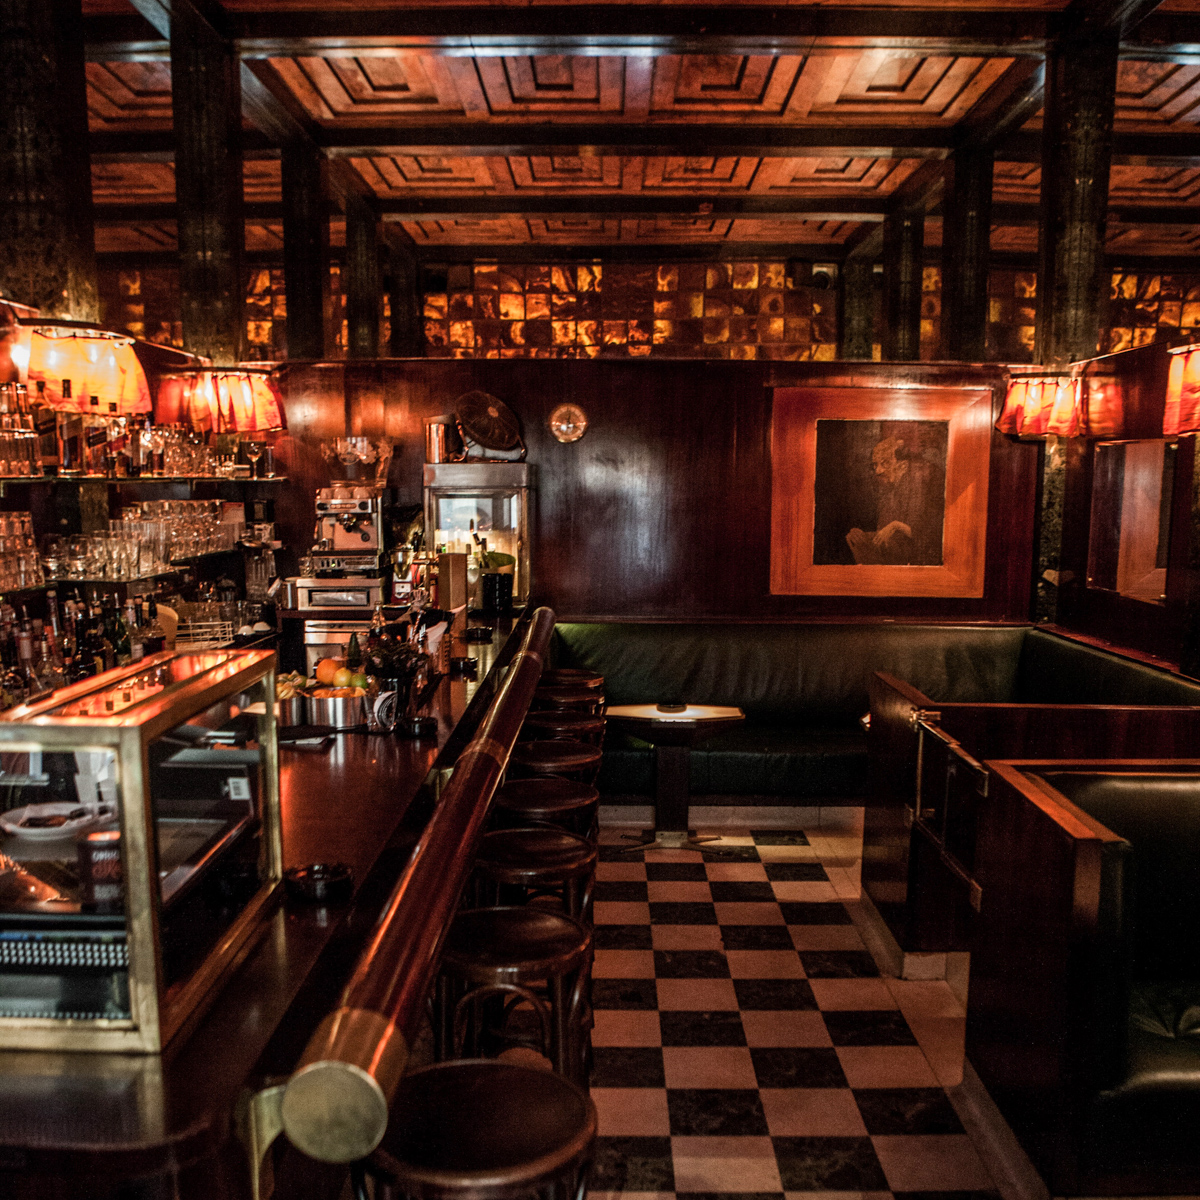 Loos Bar Wien ©Robin Roger Peller